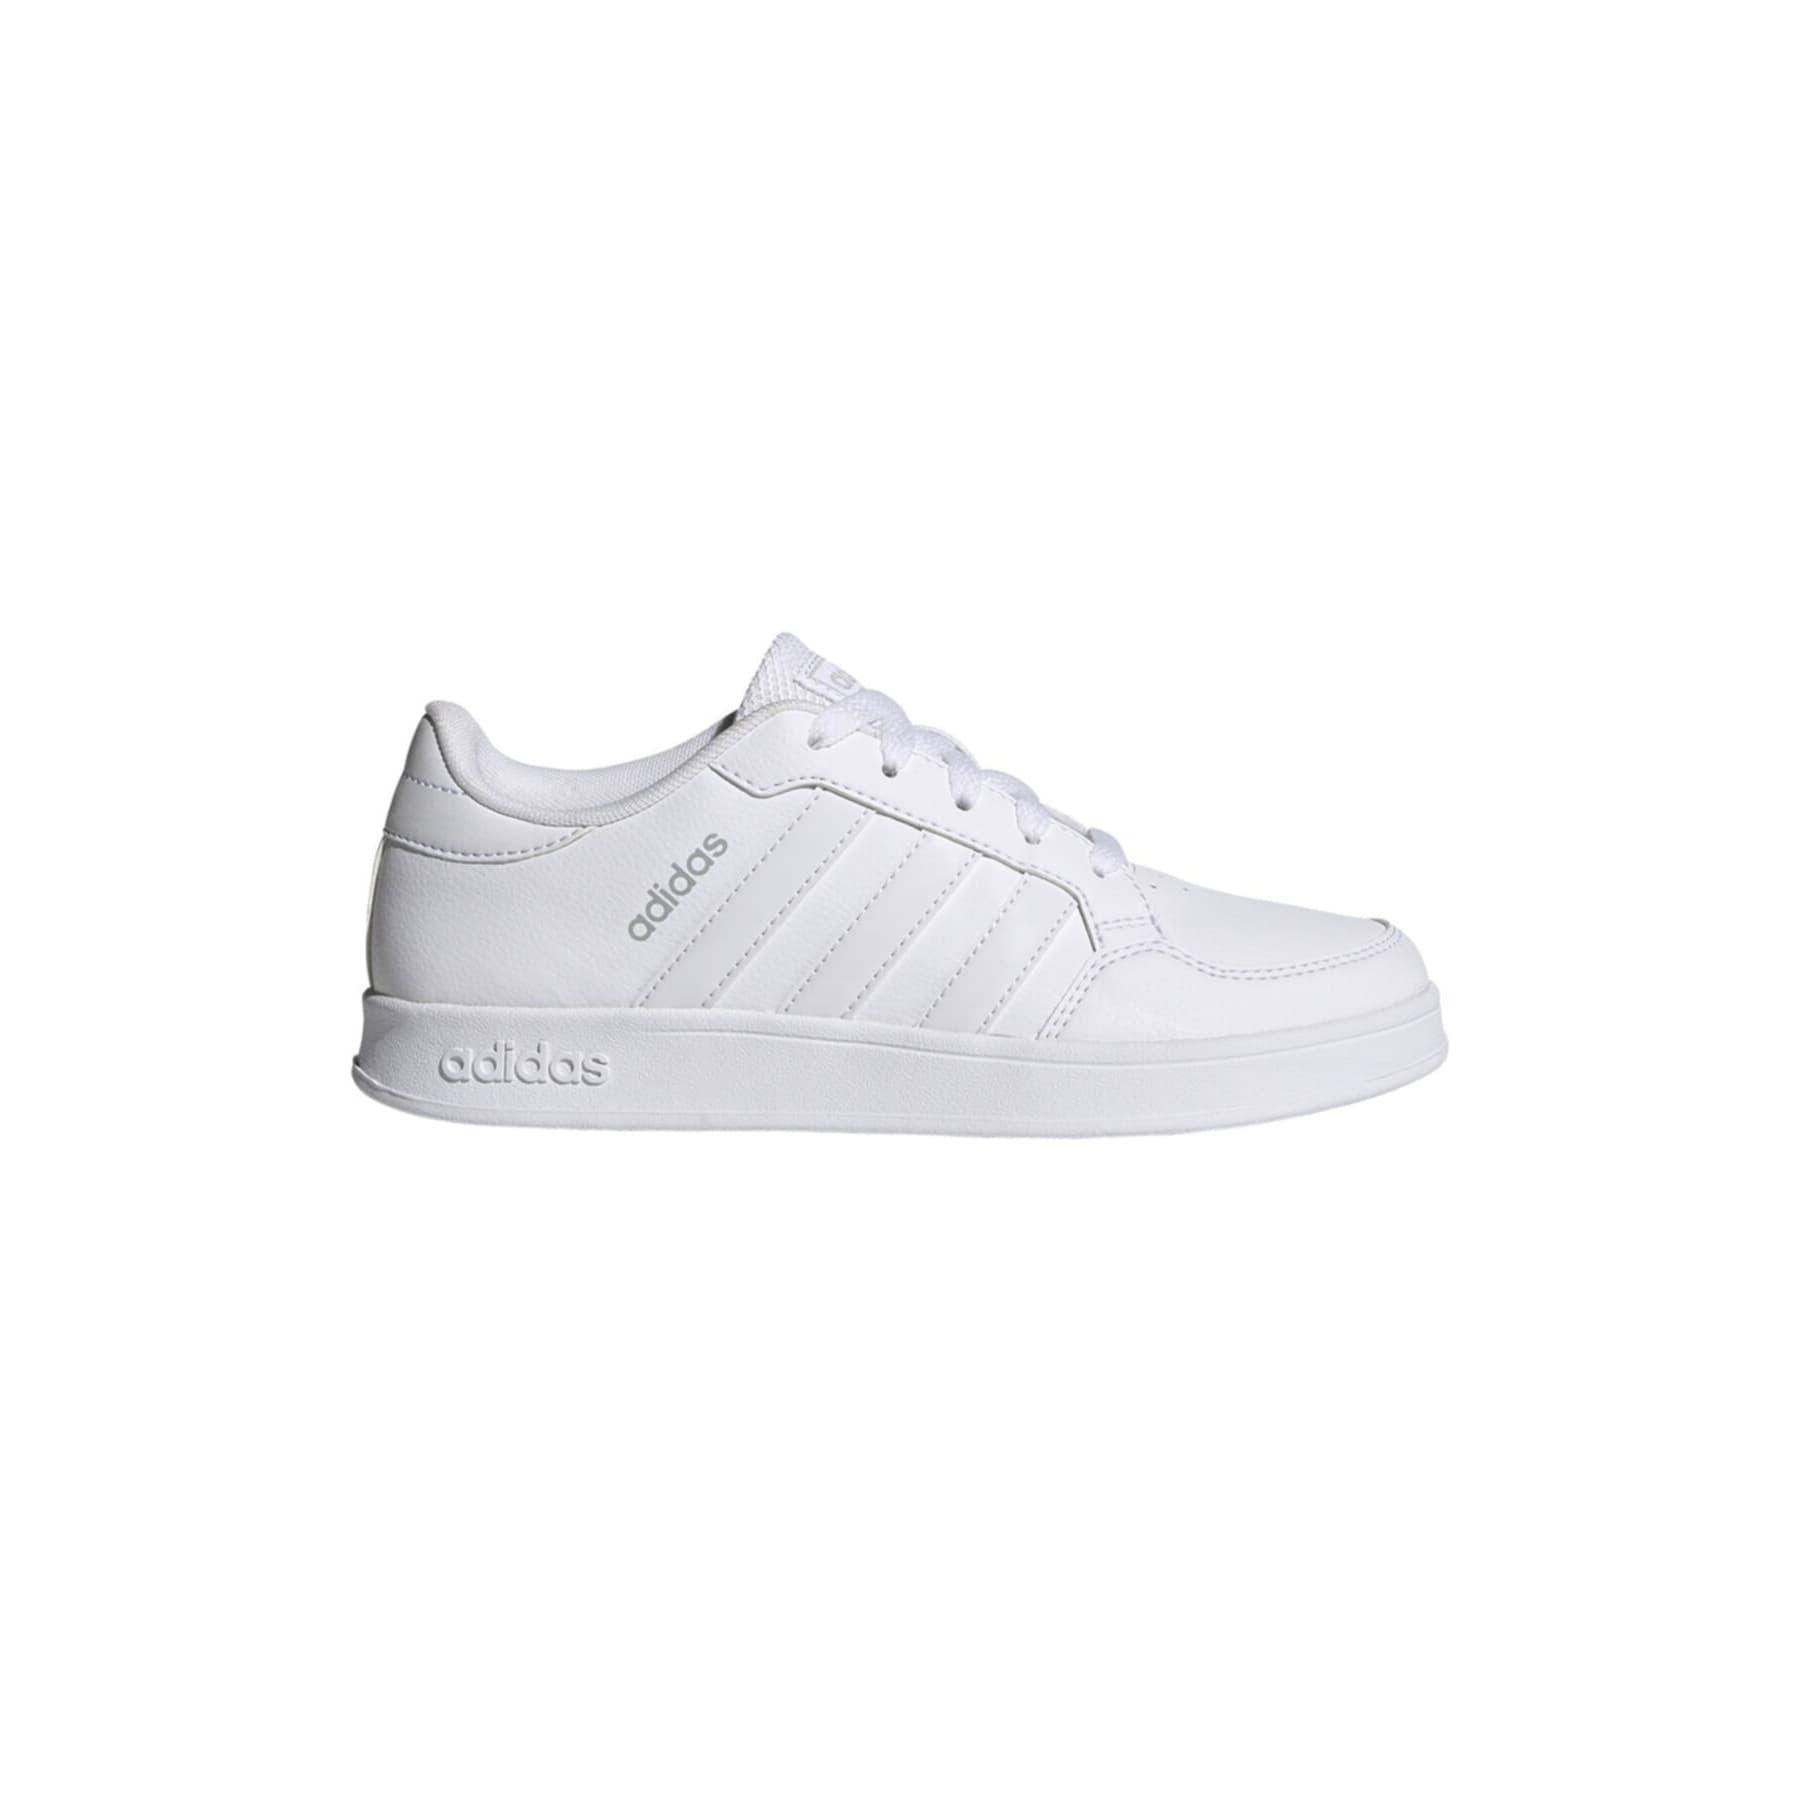 adidas Breaknet Kadın Beyaz Spor Ayakkabı (FY9504)